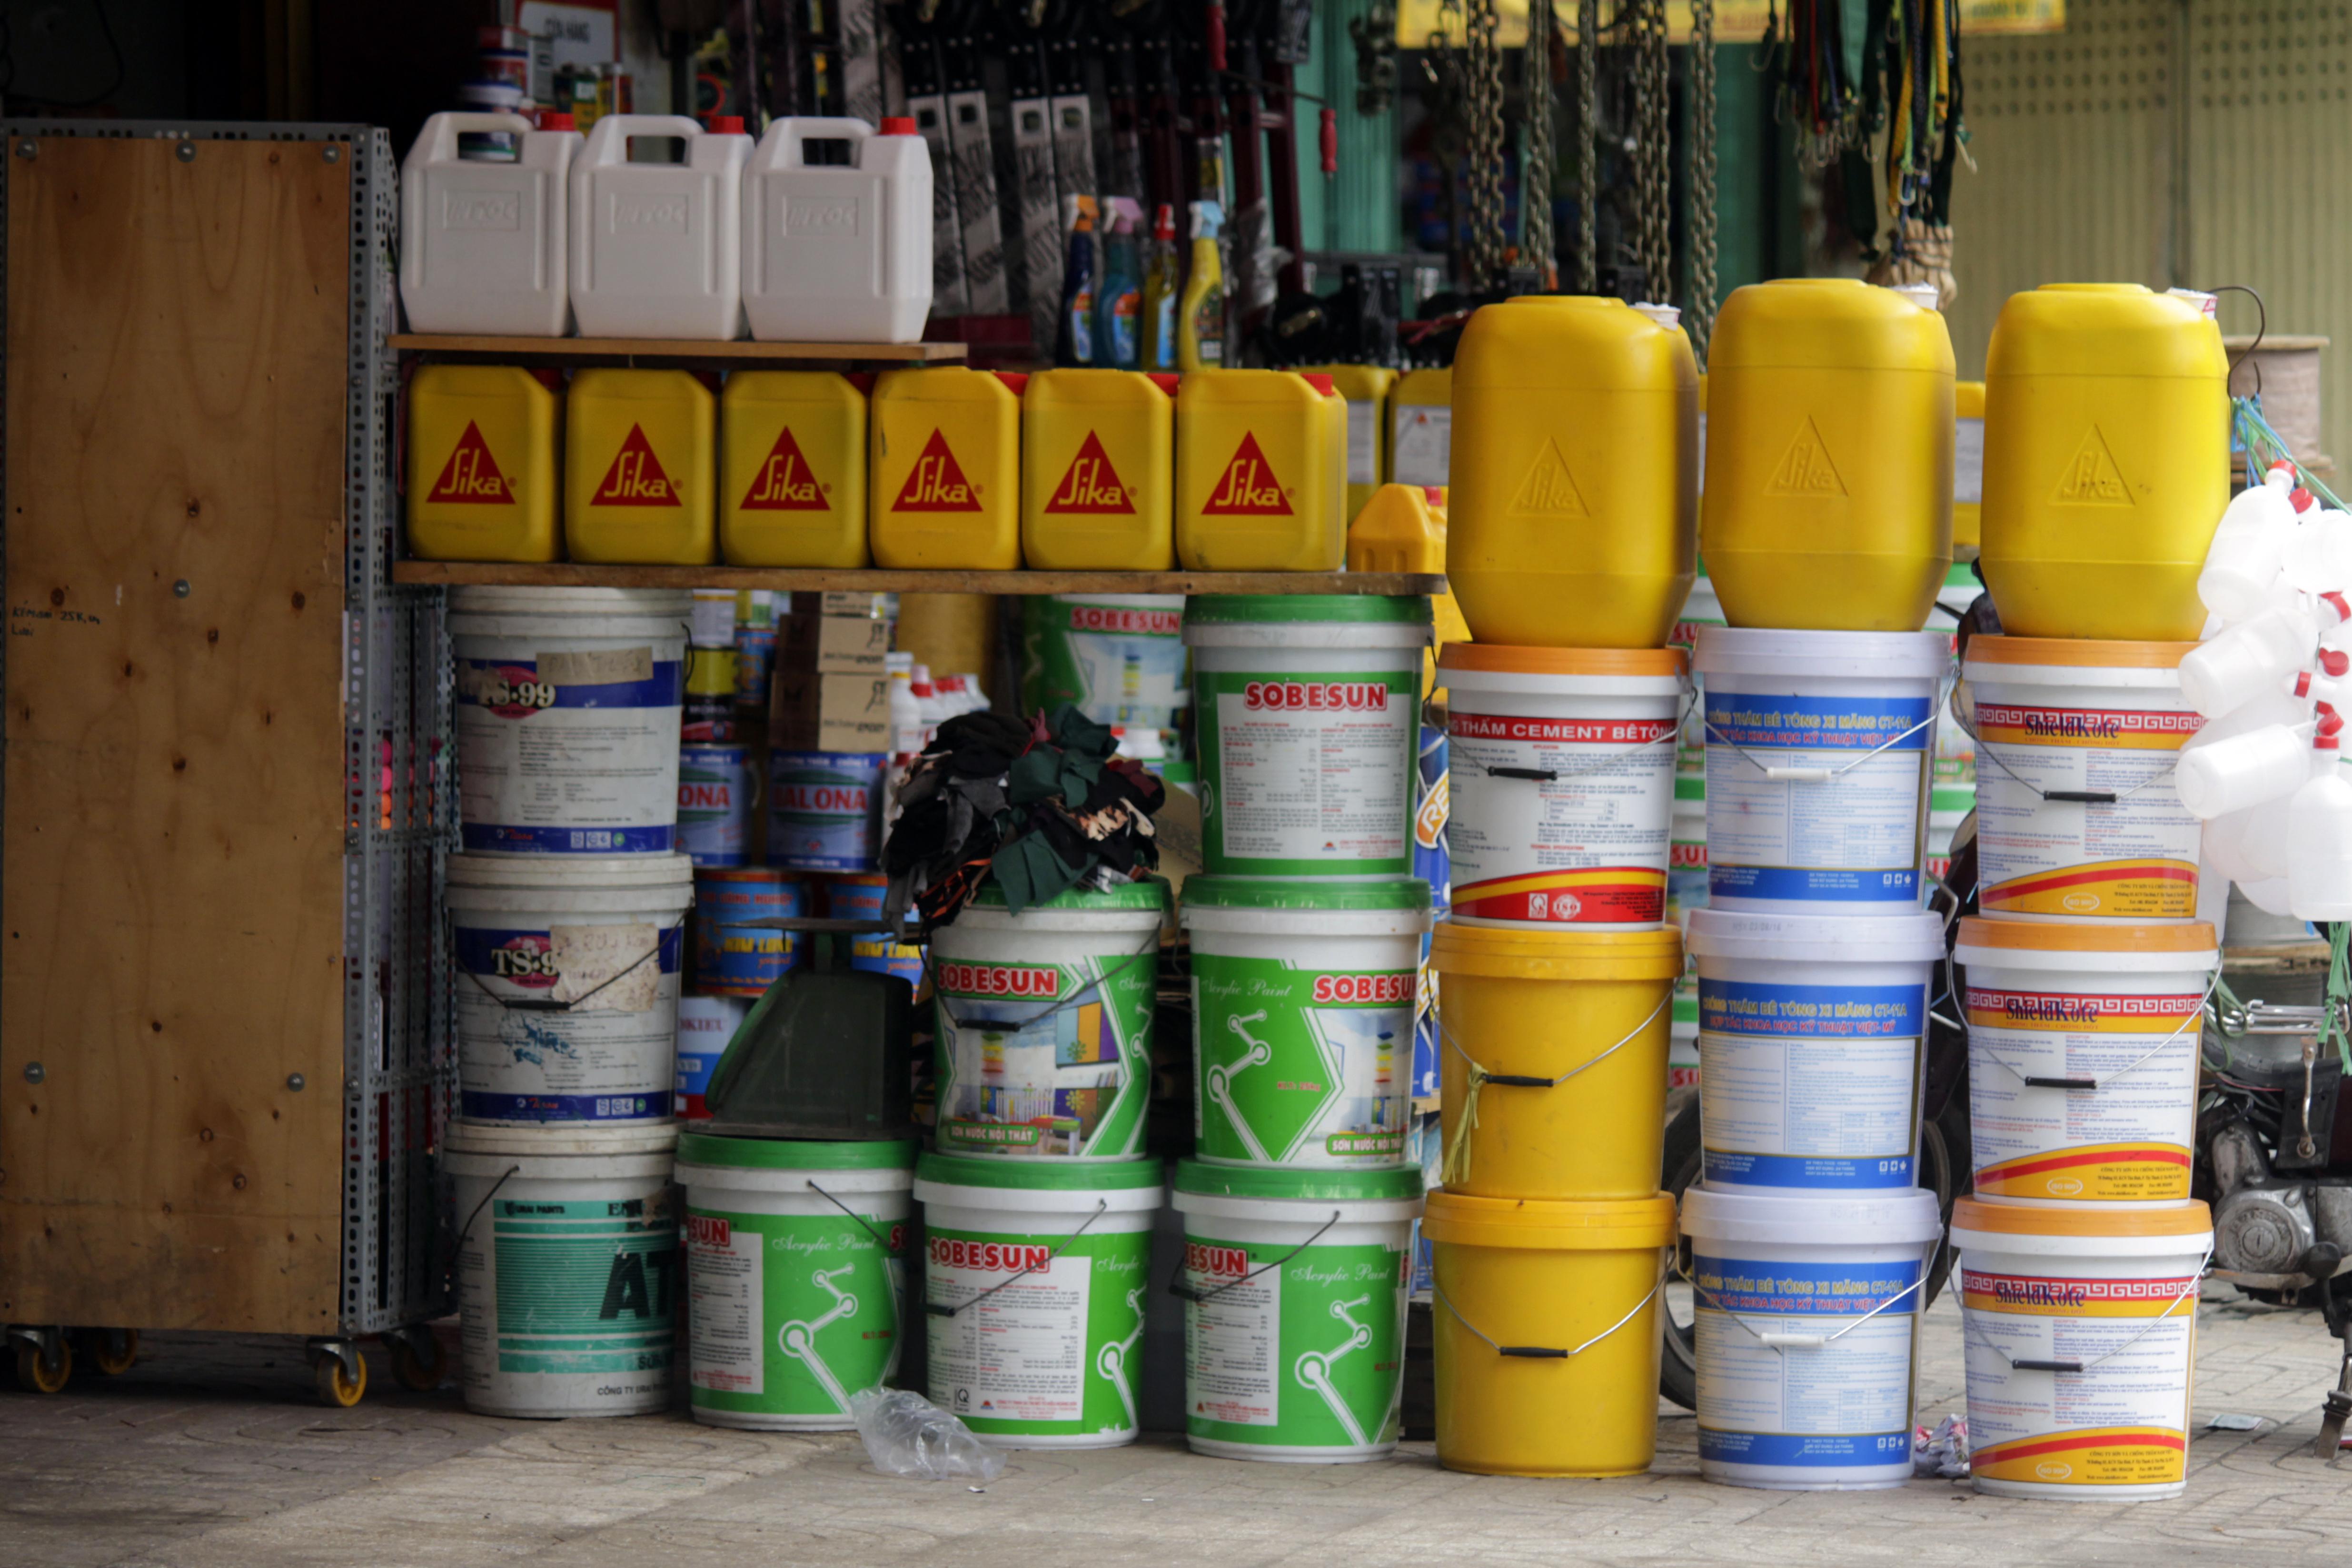 Hóa chất công nghiệp, sơn, màu nhuộm, hóa chất độc hại được chứa trong các can thùng chất đống trên vỉa hè để chào mời khách hàng. Nhiều thùng hóa chất có nhãn mác bằng chữ Trung Quốc.